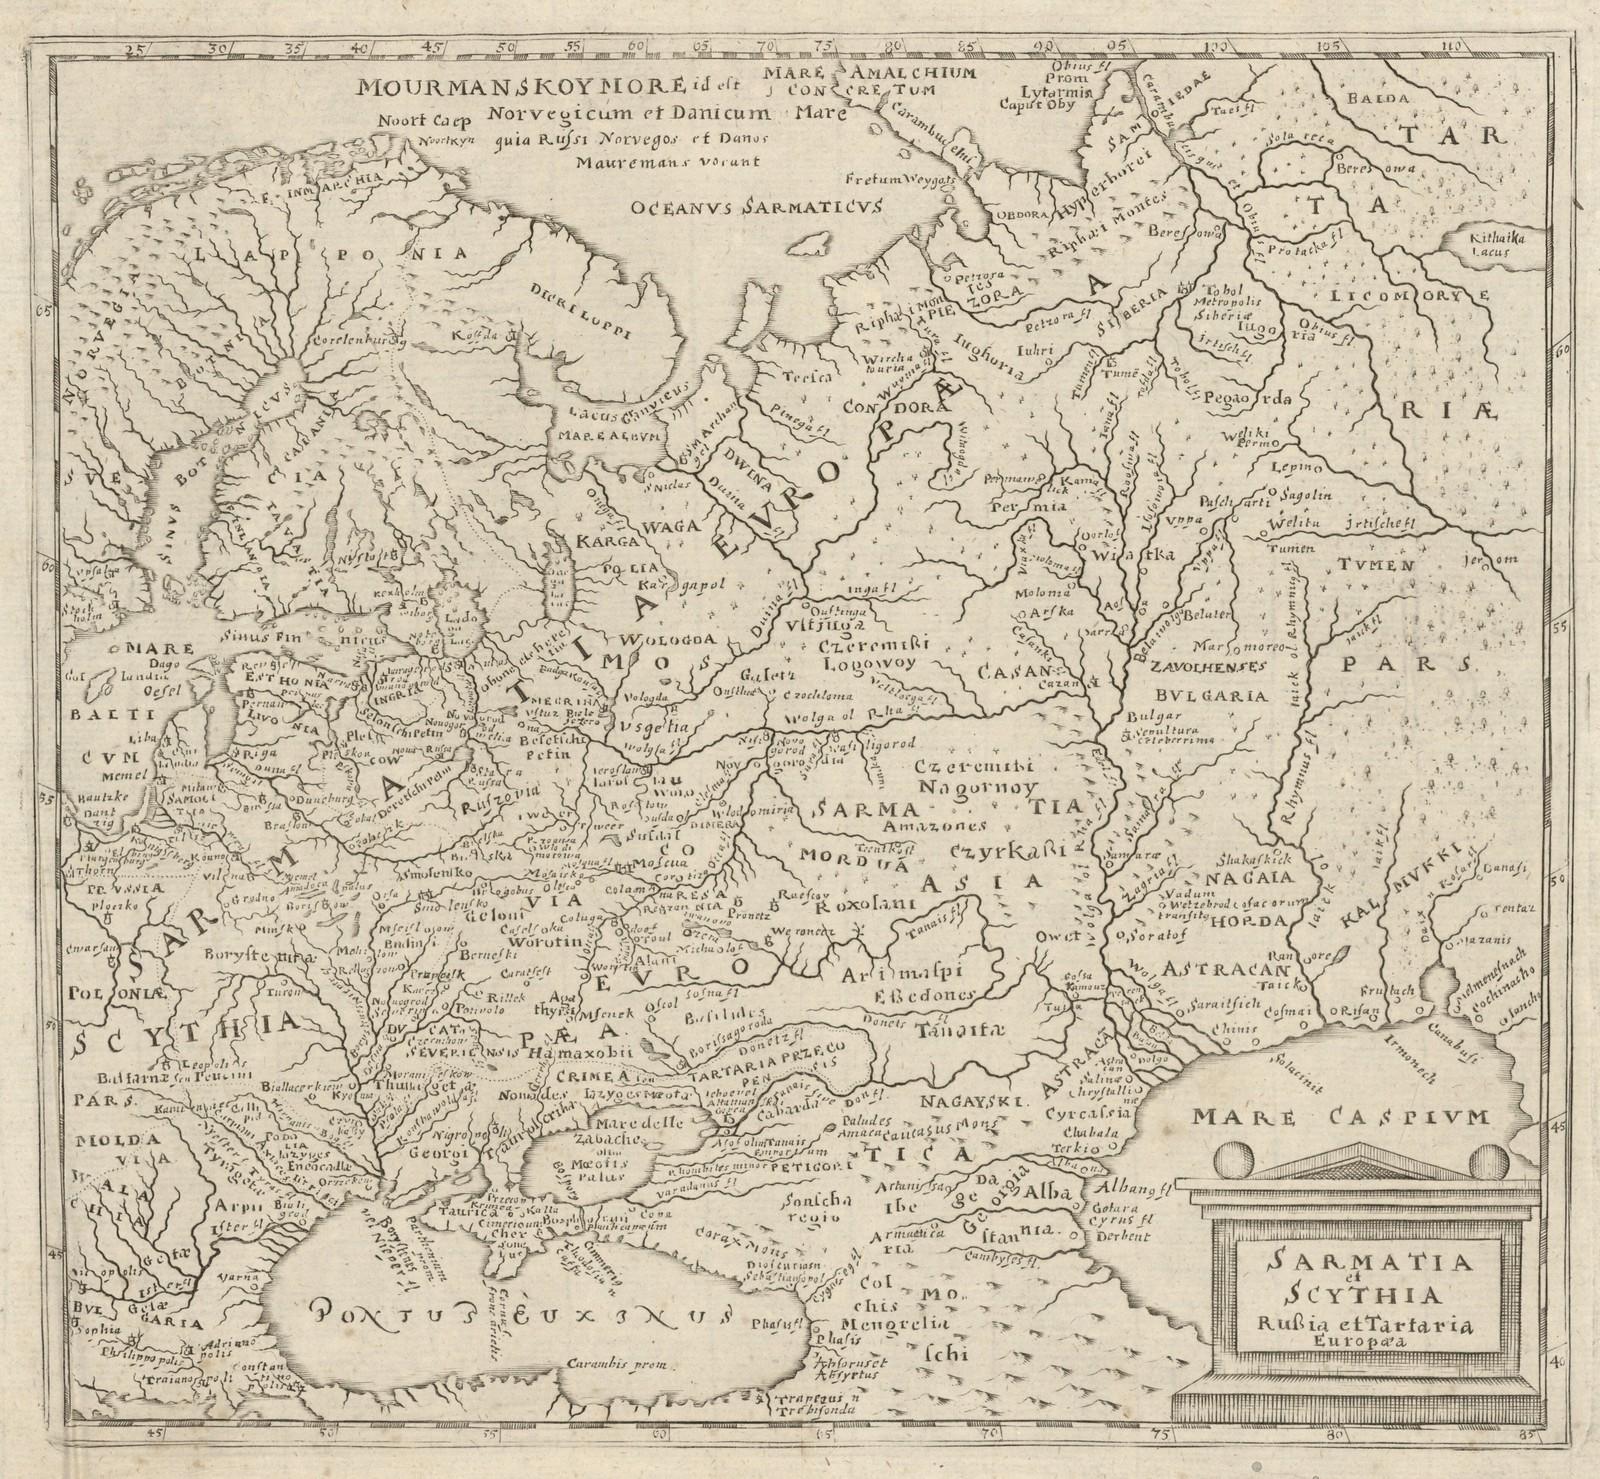 1620-1630. Сарматия и Русская Скифия и Европейская Тартария